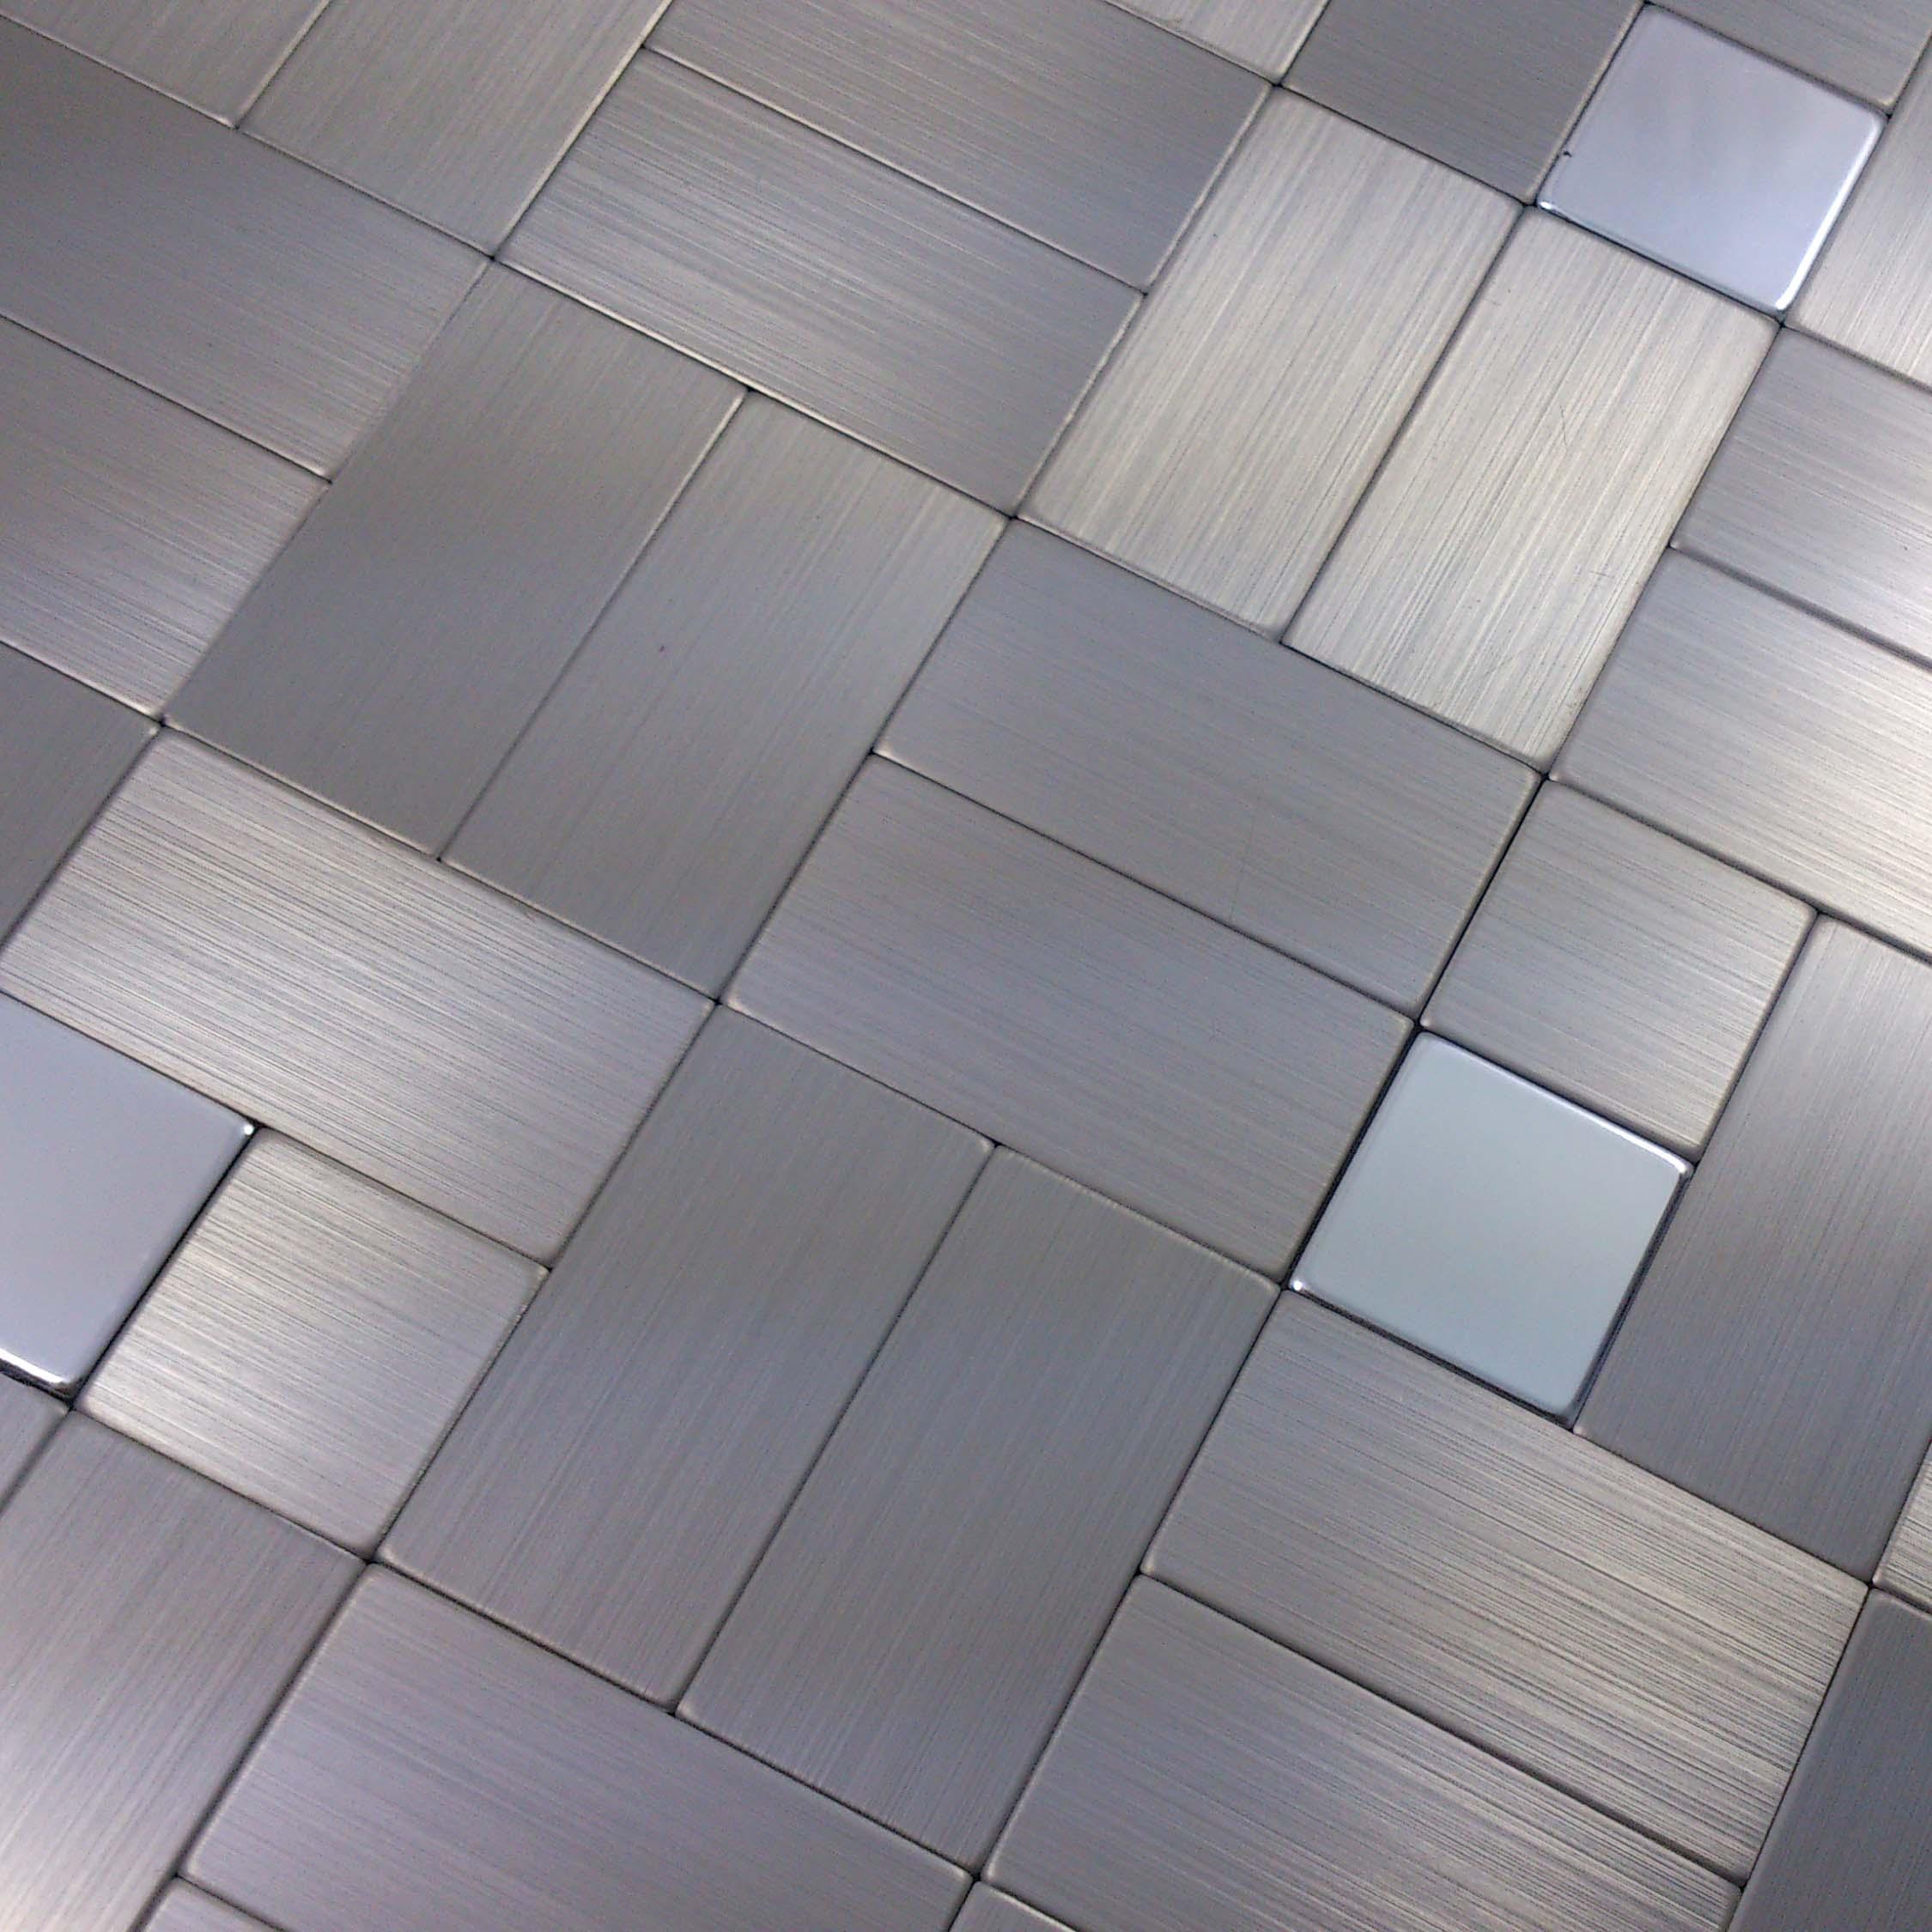 Promoção de banheira de metal disconto promocional em AliExpress  #586473 2250x2250 Acessorios Banheiro China